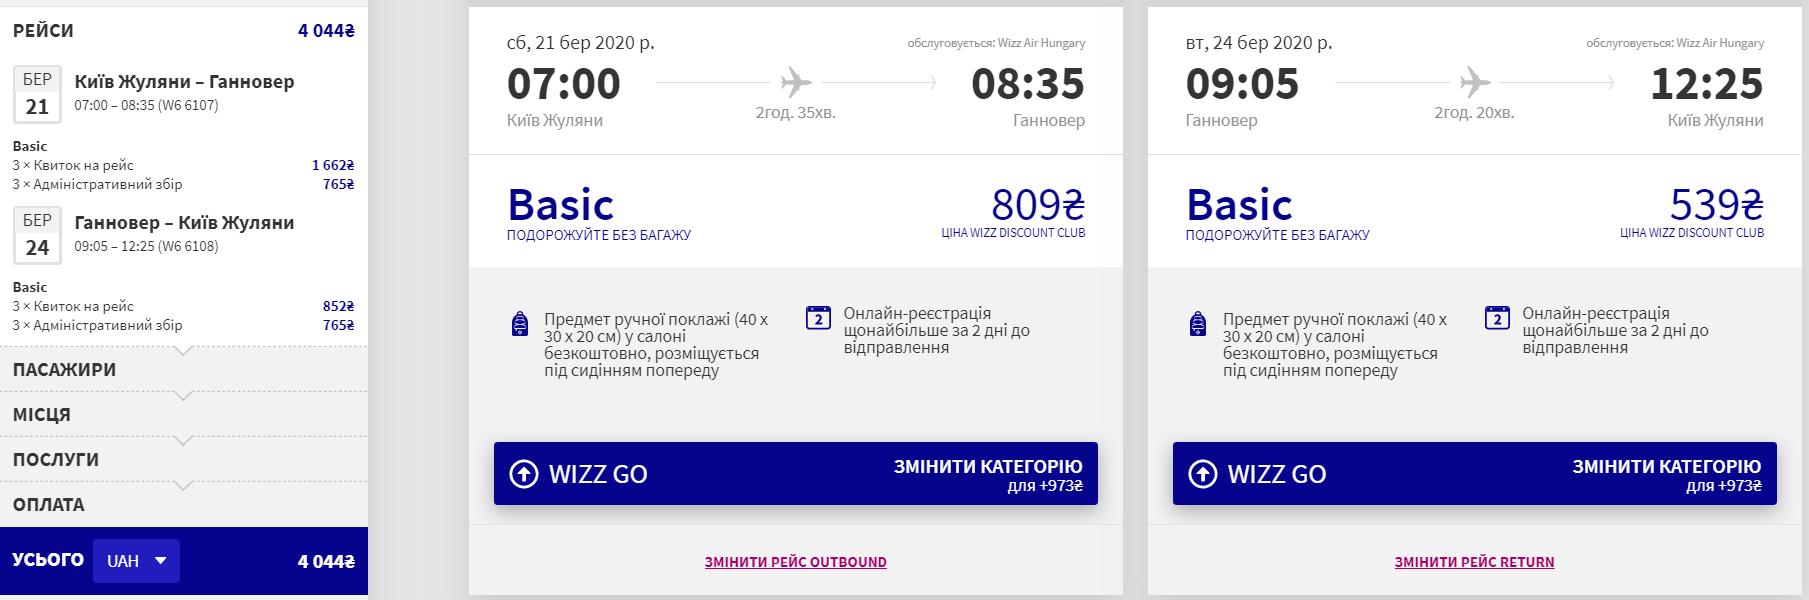 Київ - Ганновер - Київ >>